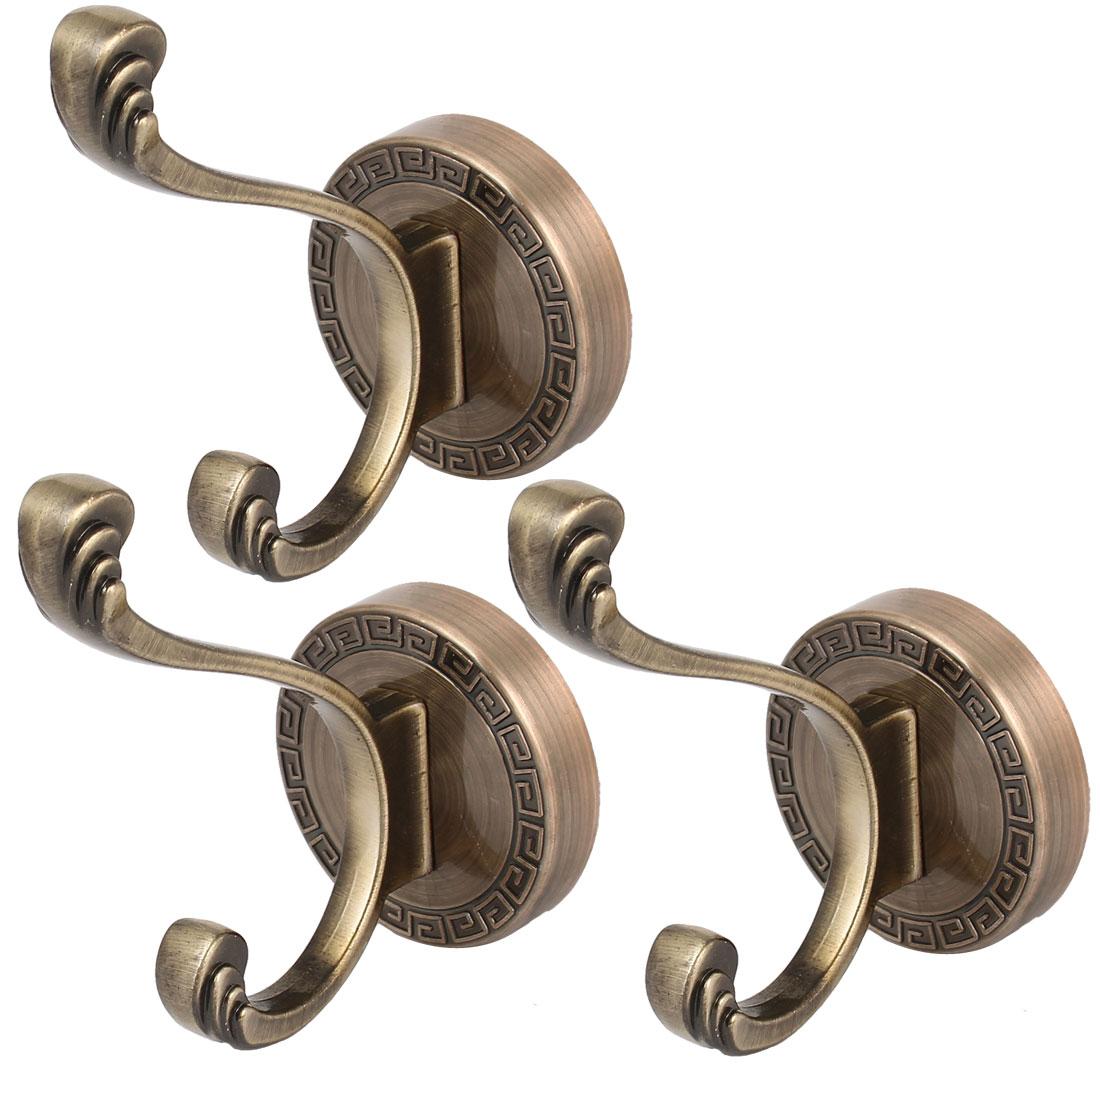 Household Coat Towel Metal Wall Mount Hanger Double Hook Bronze Tone 3pcs